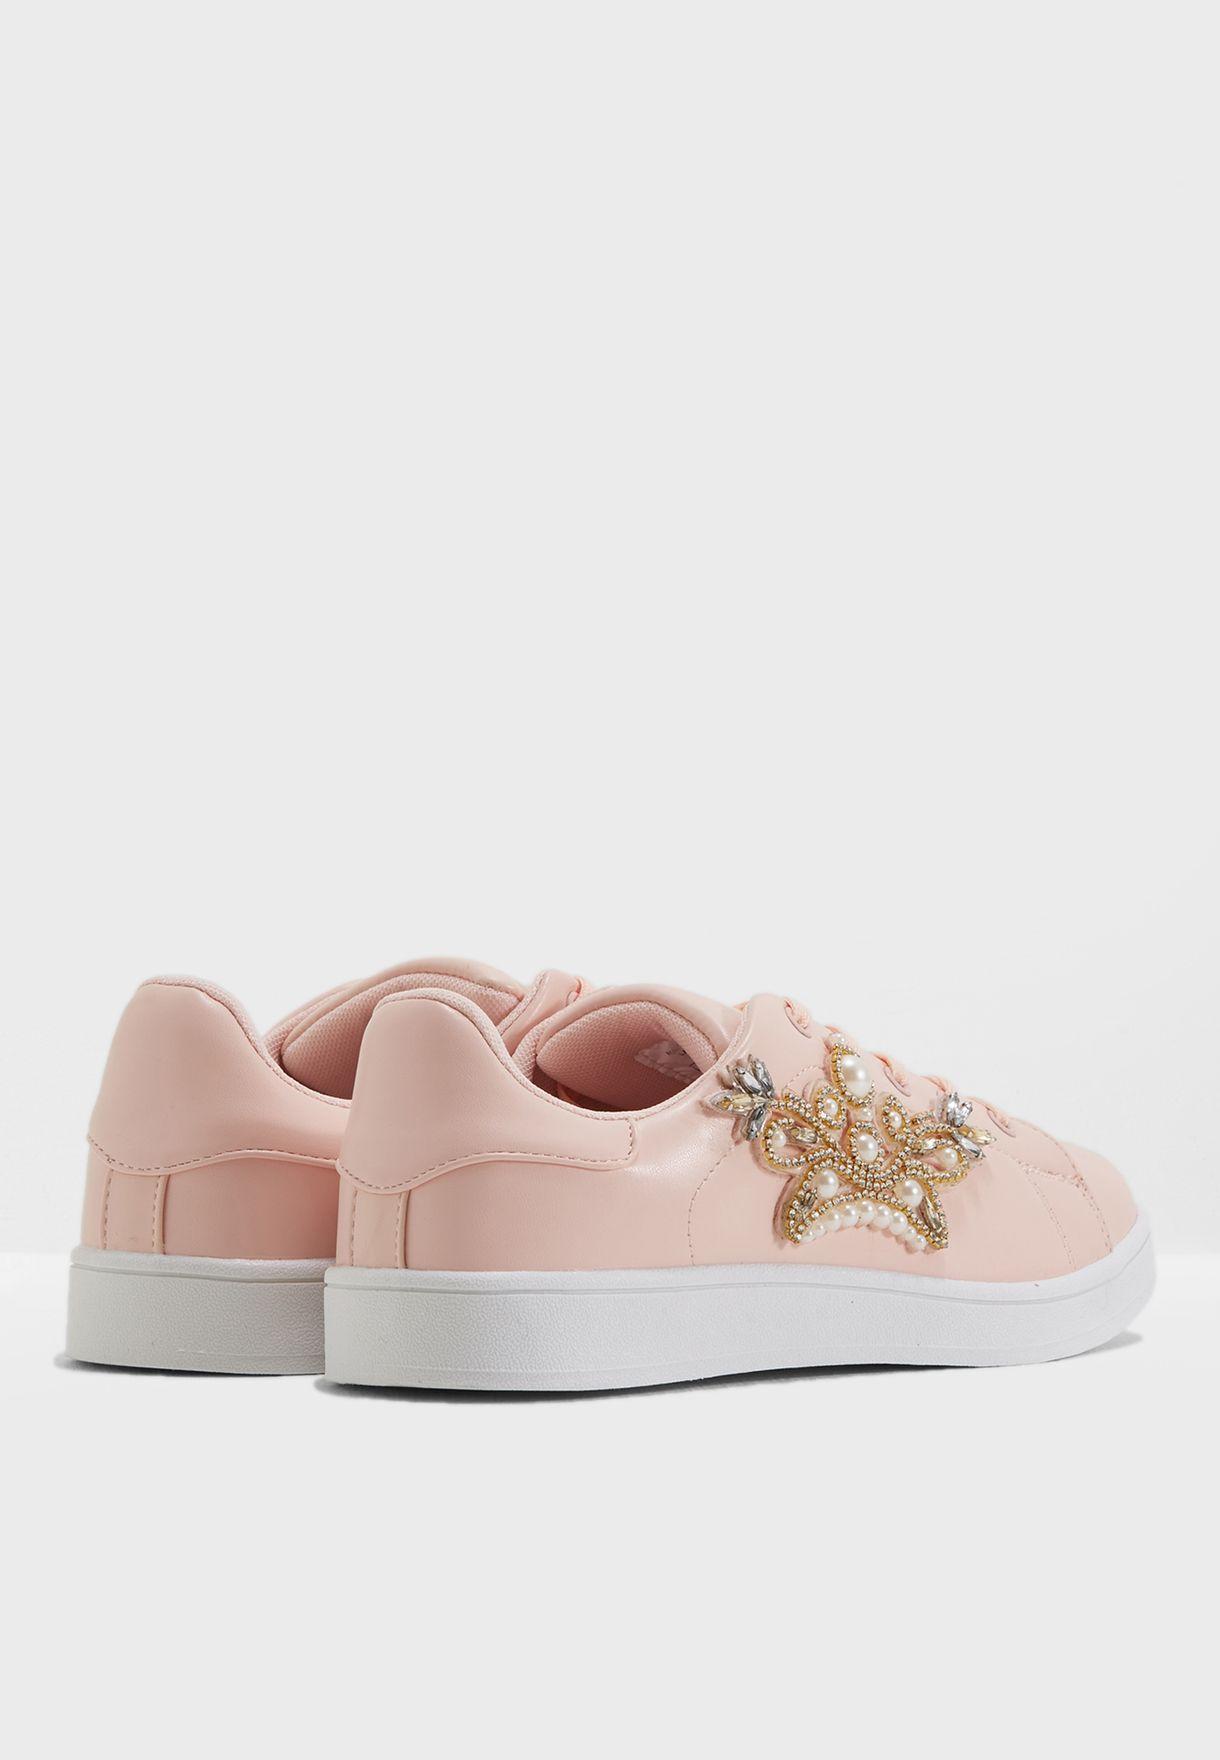 حذاء مزين بأحجار